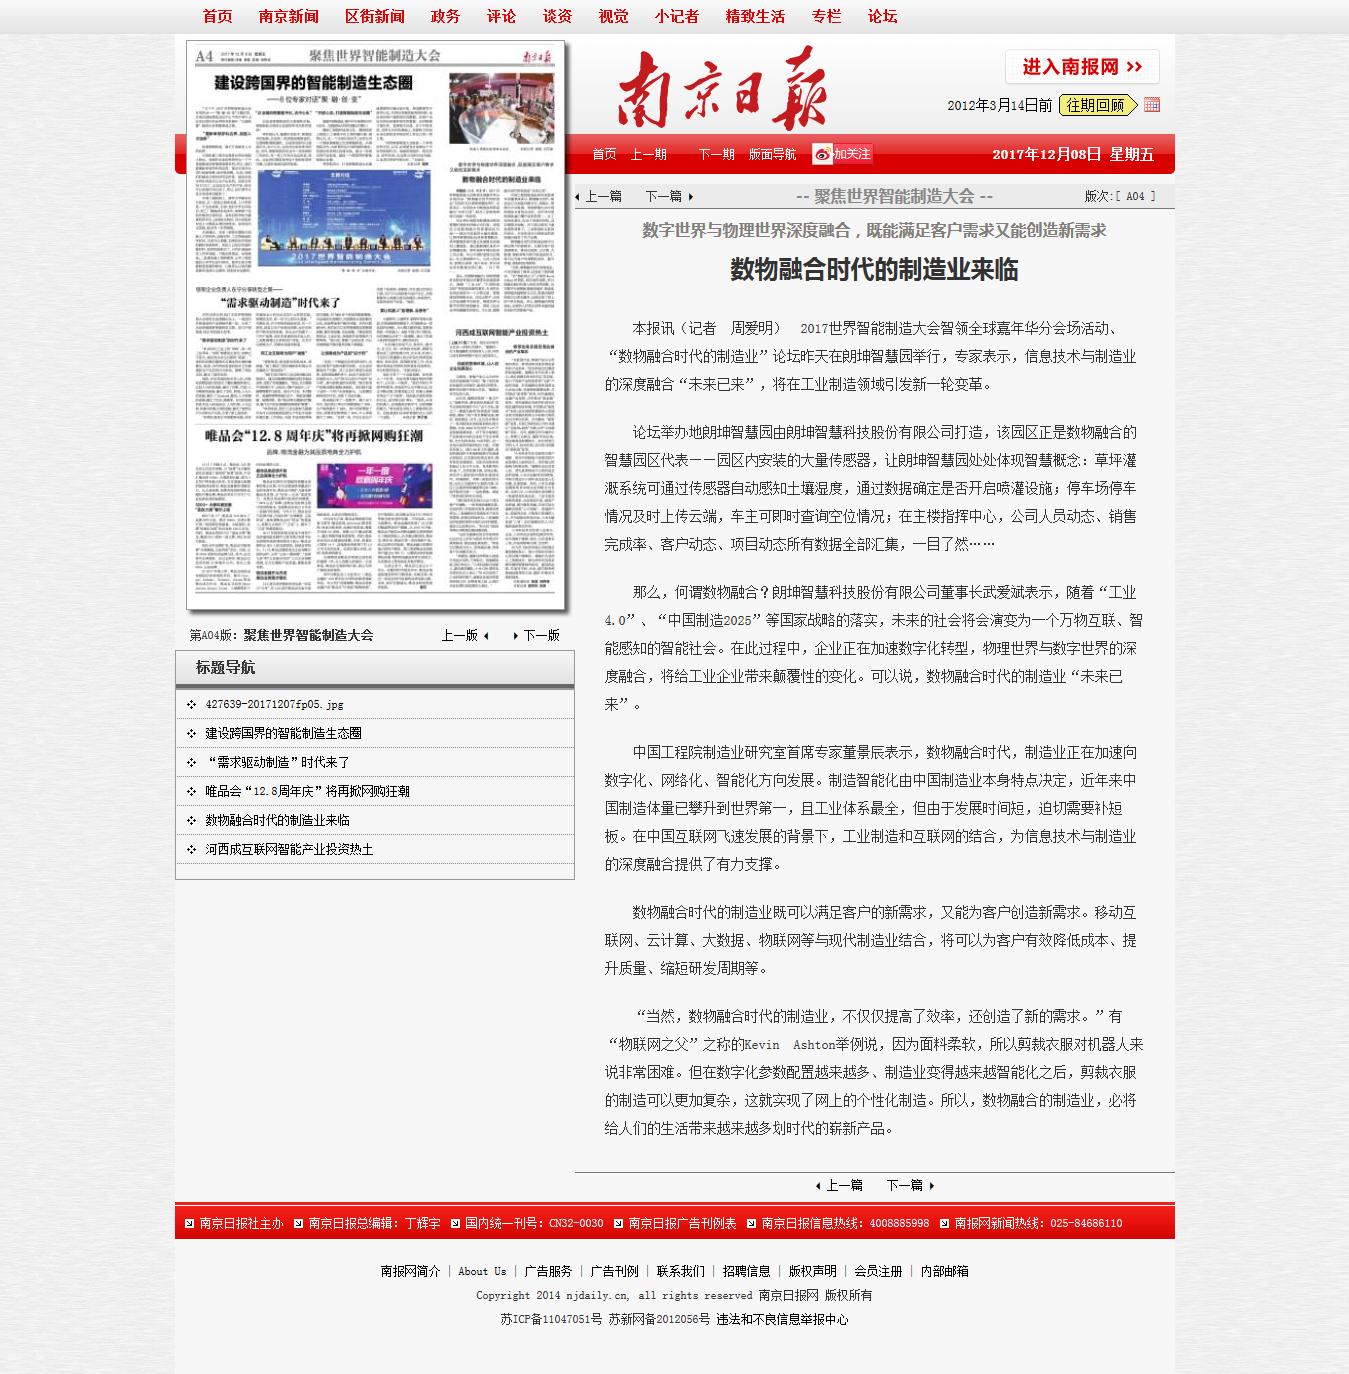 数物融合时代的制造业来临_南京日报社数字报刊.png